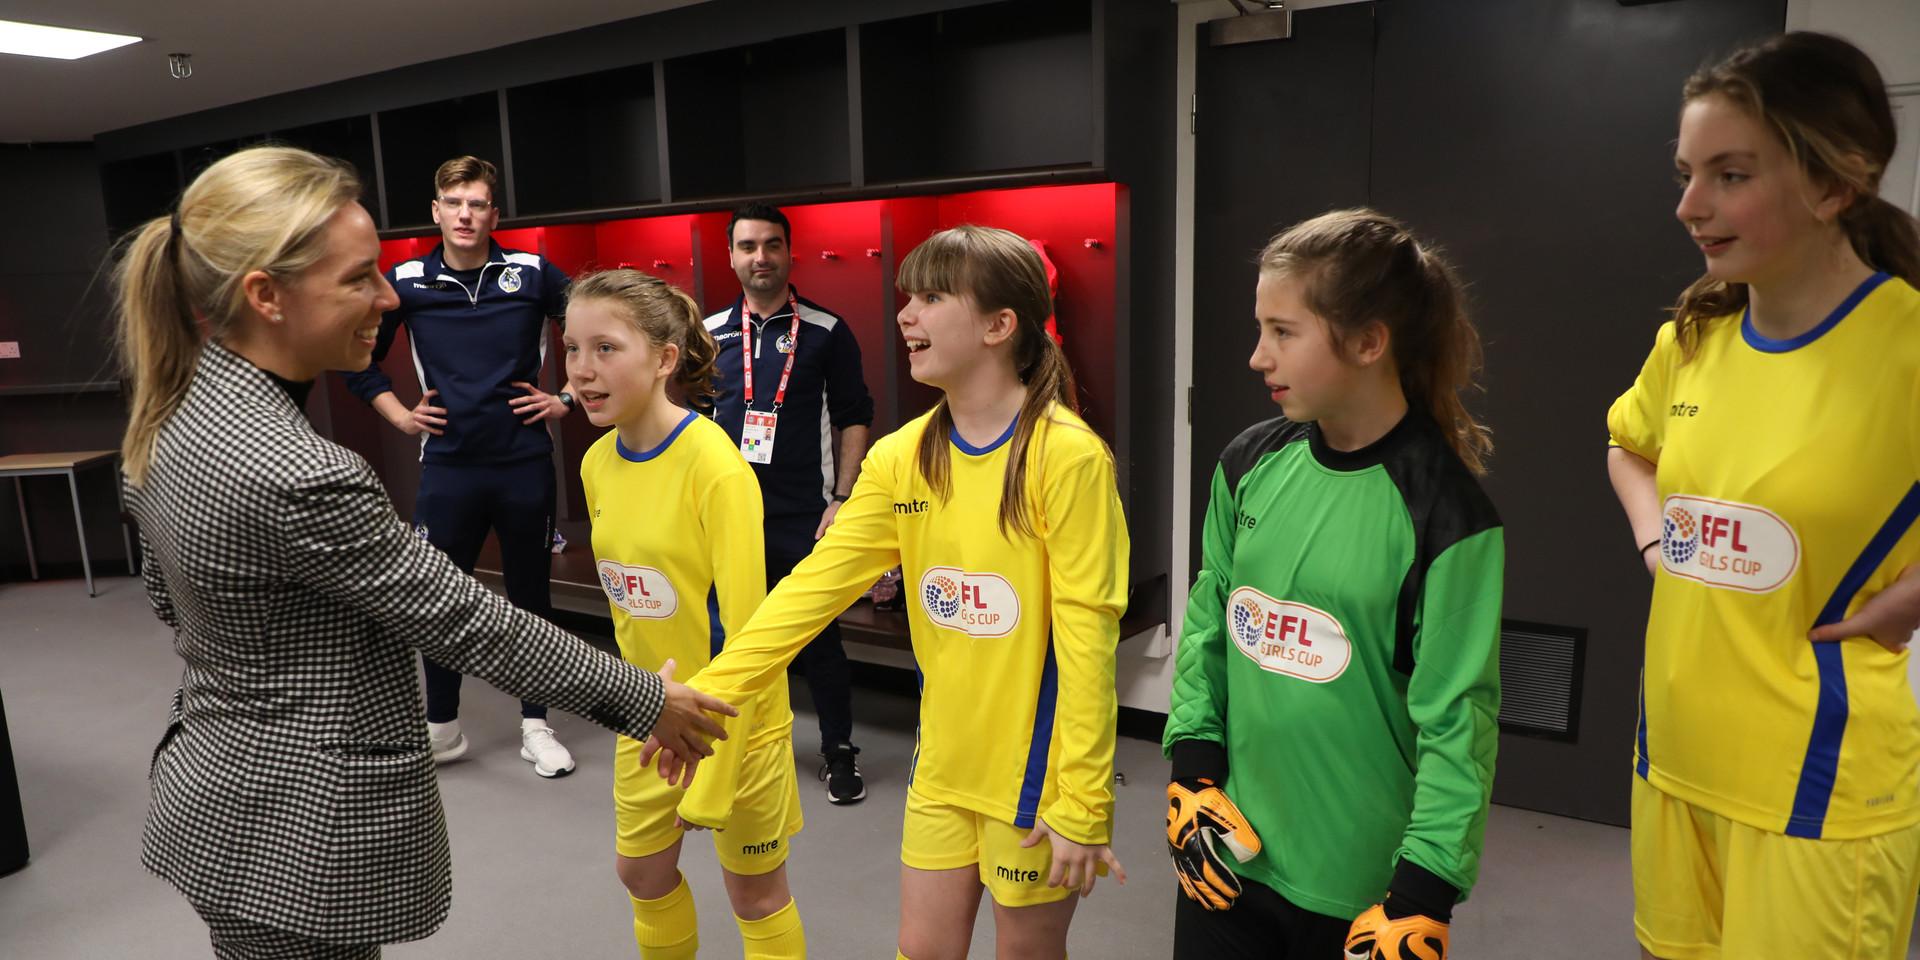 Bristol Rovers Women's Gas Girls EFL Gir